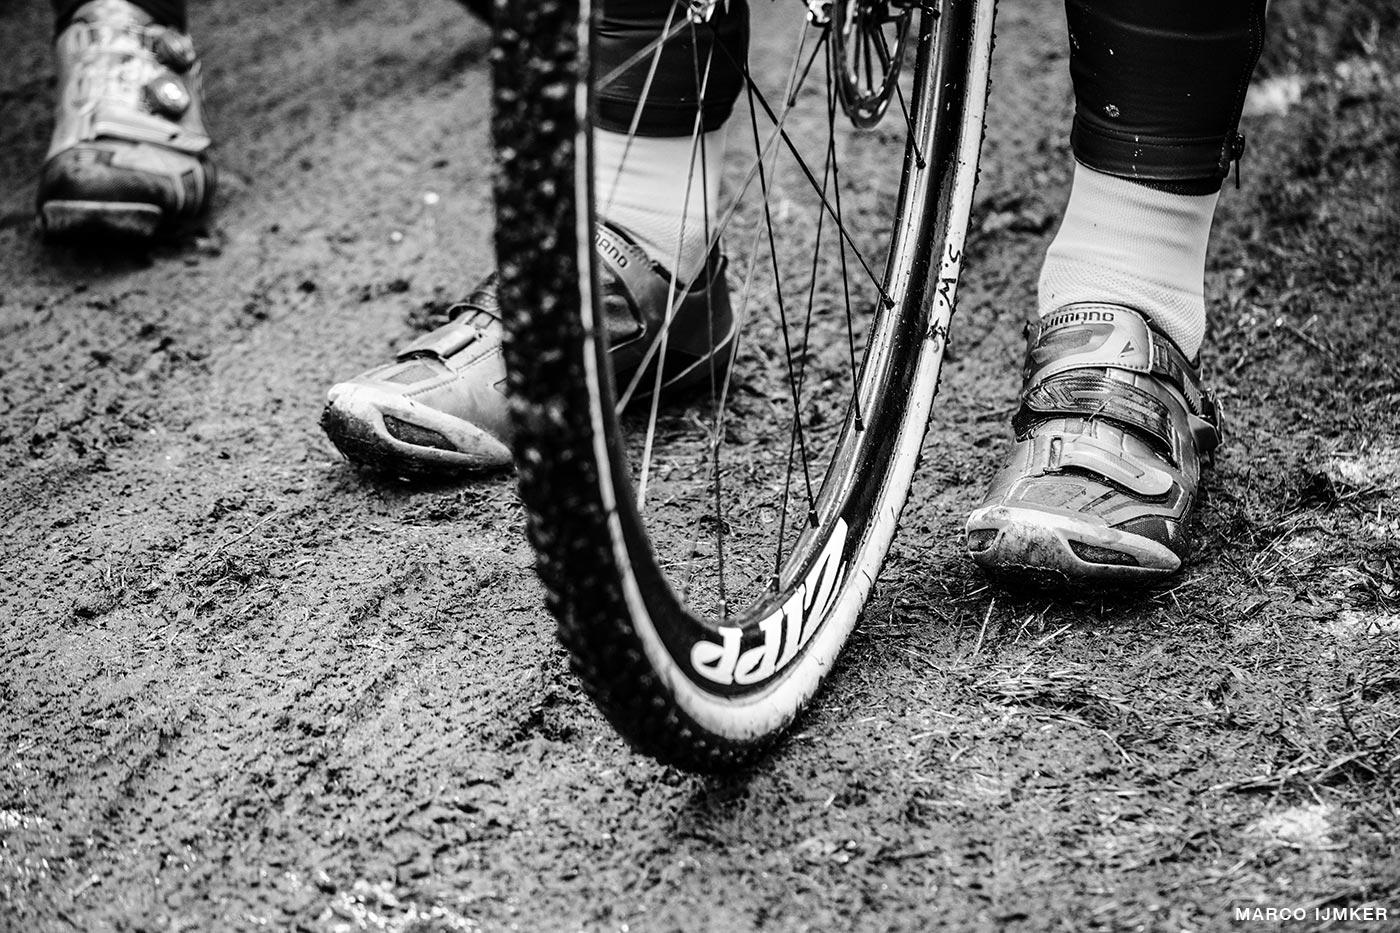 Cyclocross mud & tires – Marco IJmker